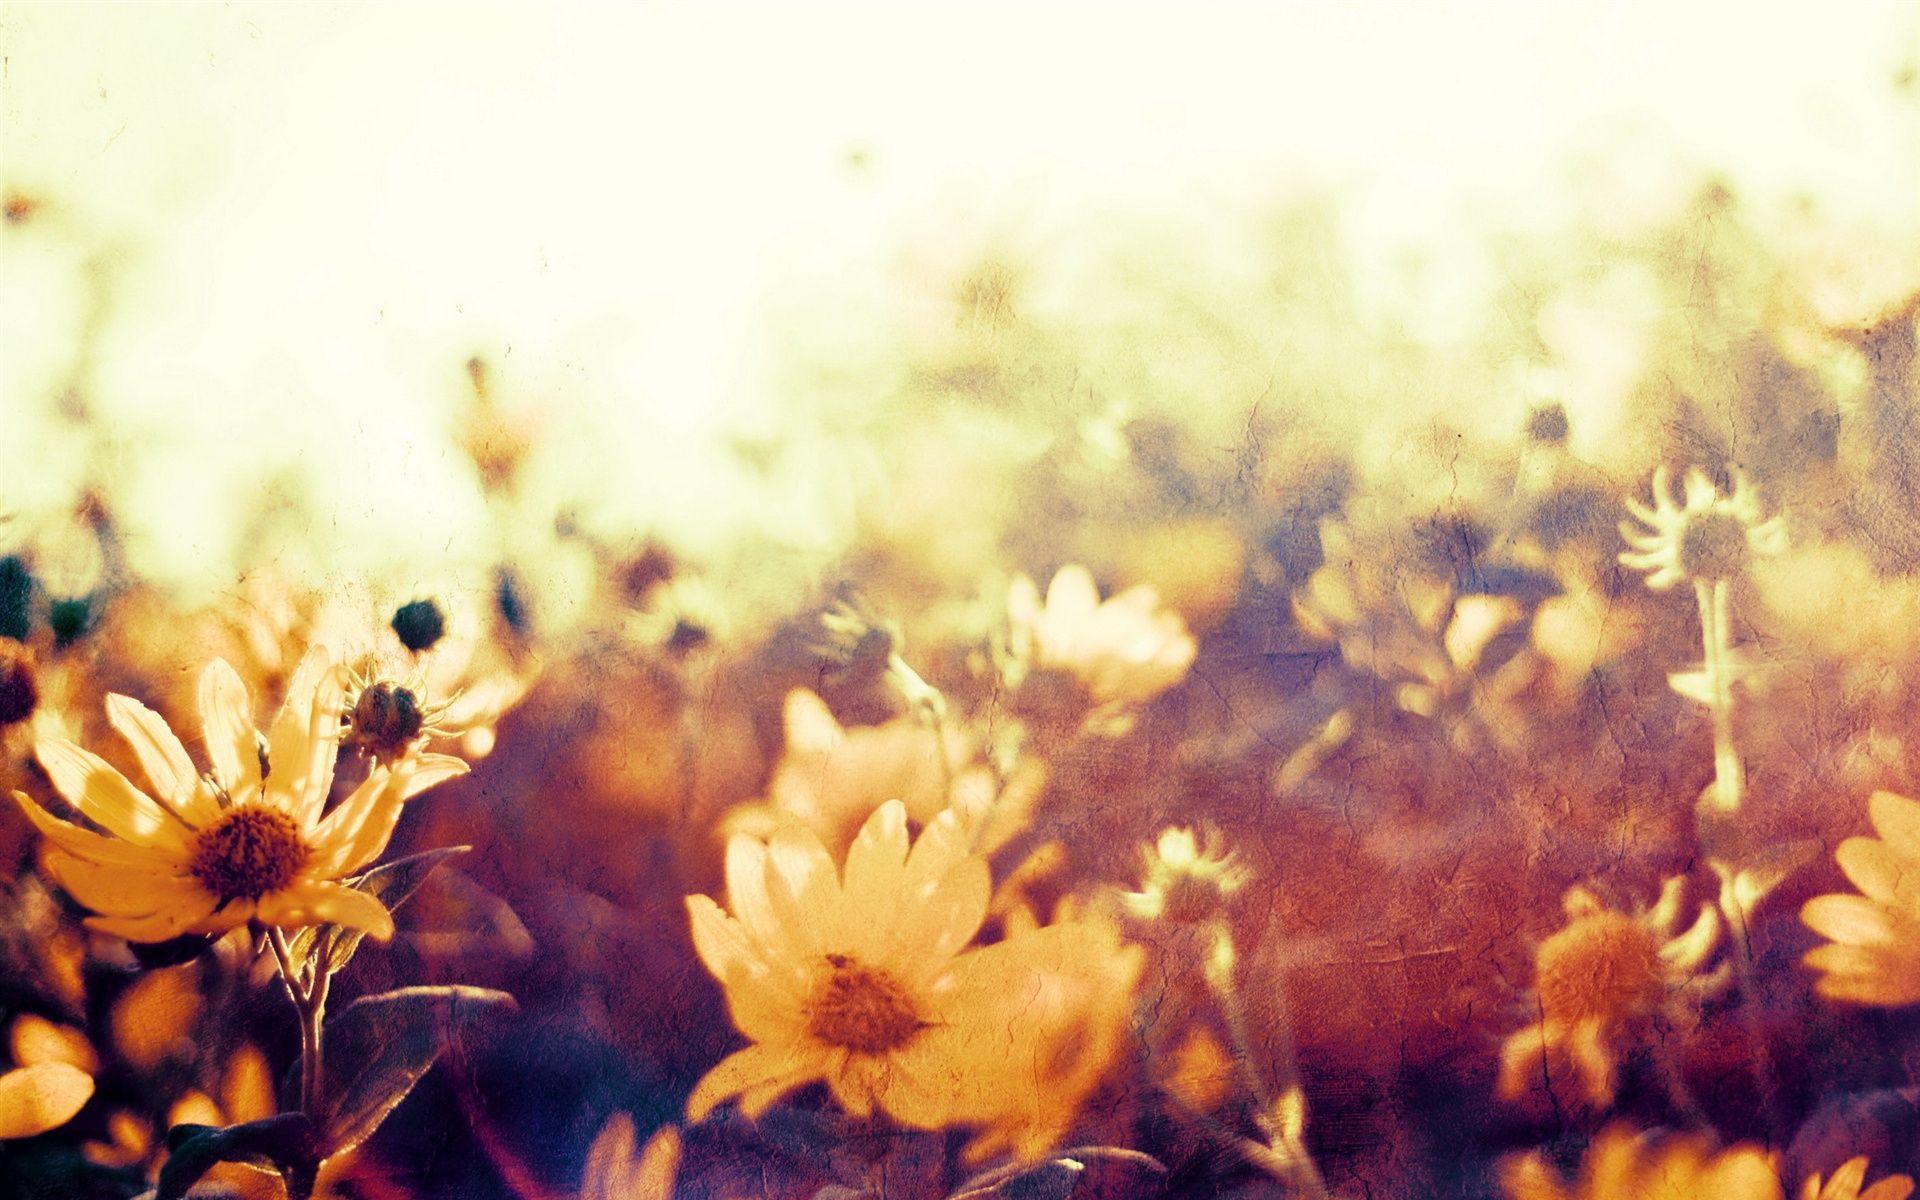 #flores, #fundo, #estilo